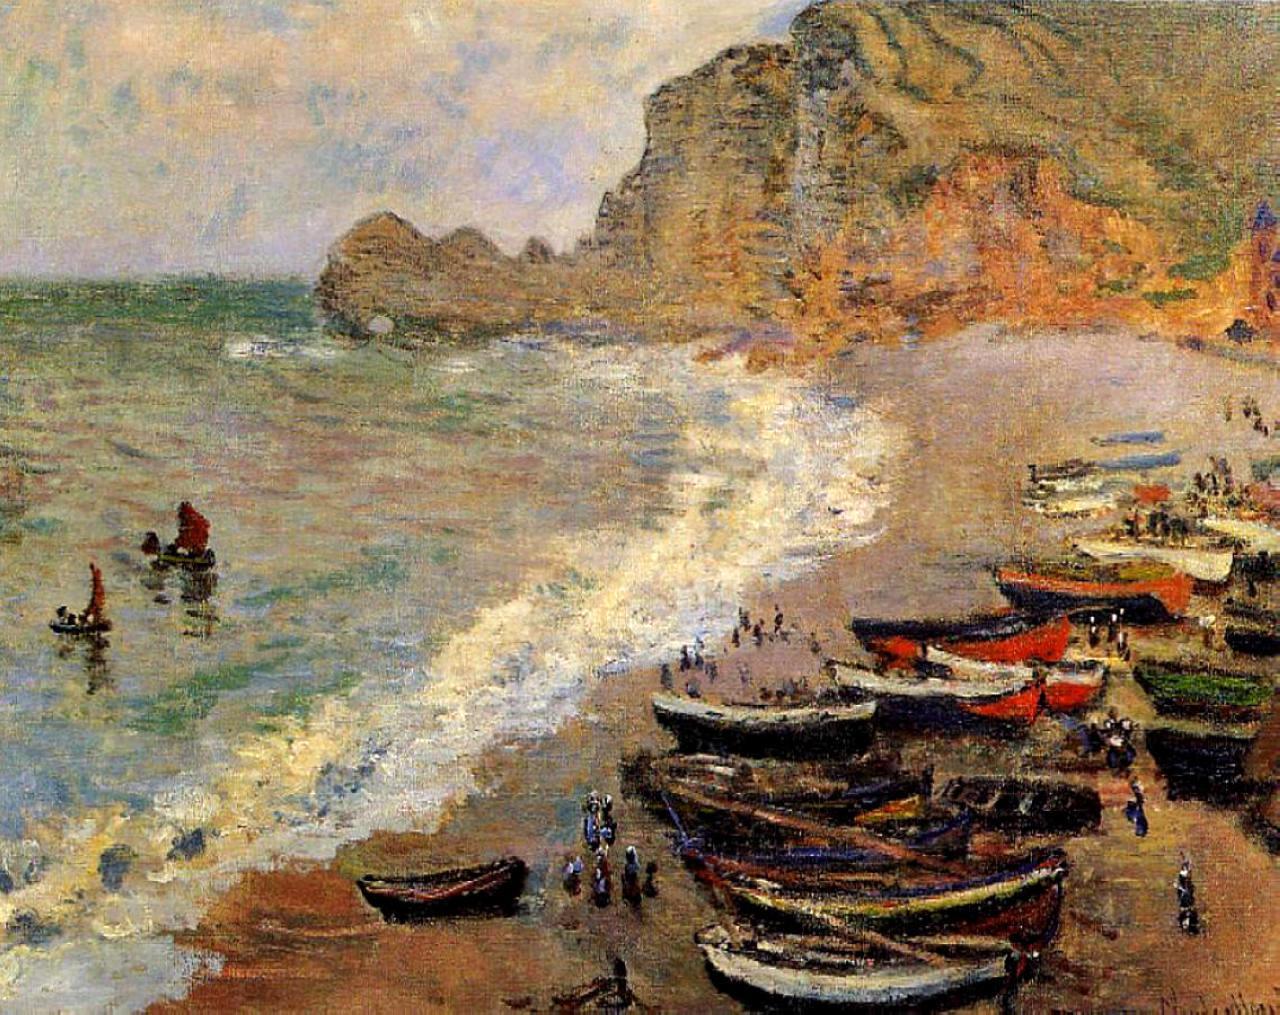 пейзажи - побережье < Пляж >:: Клод Моне, описание картины - Claude Monet фото